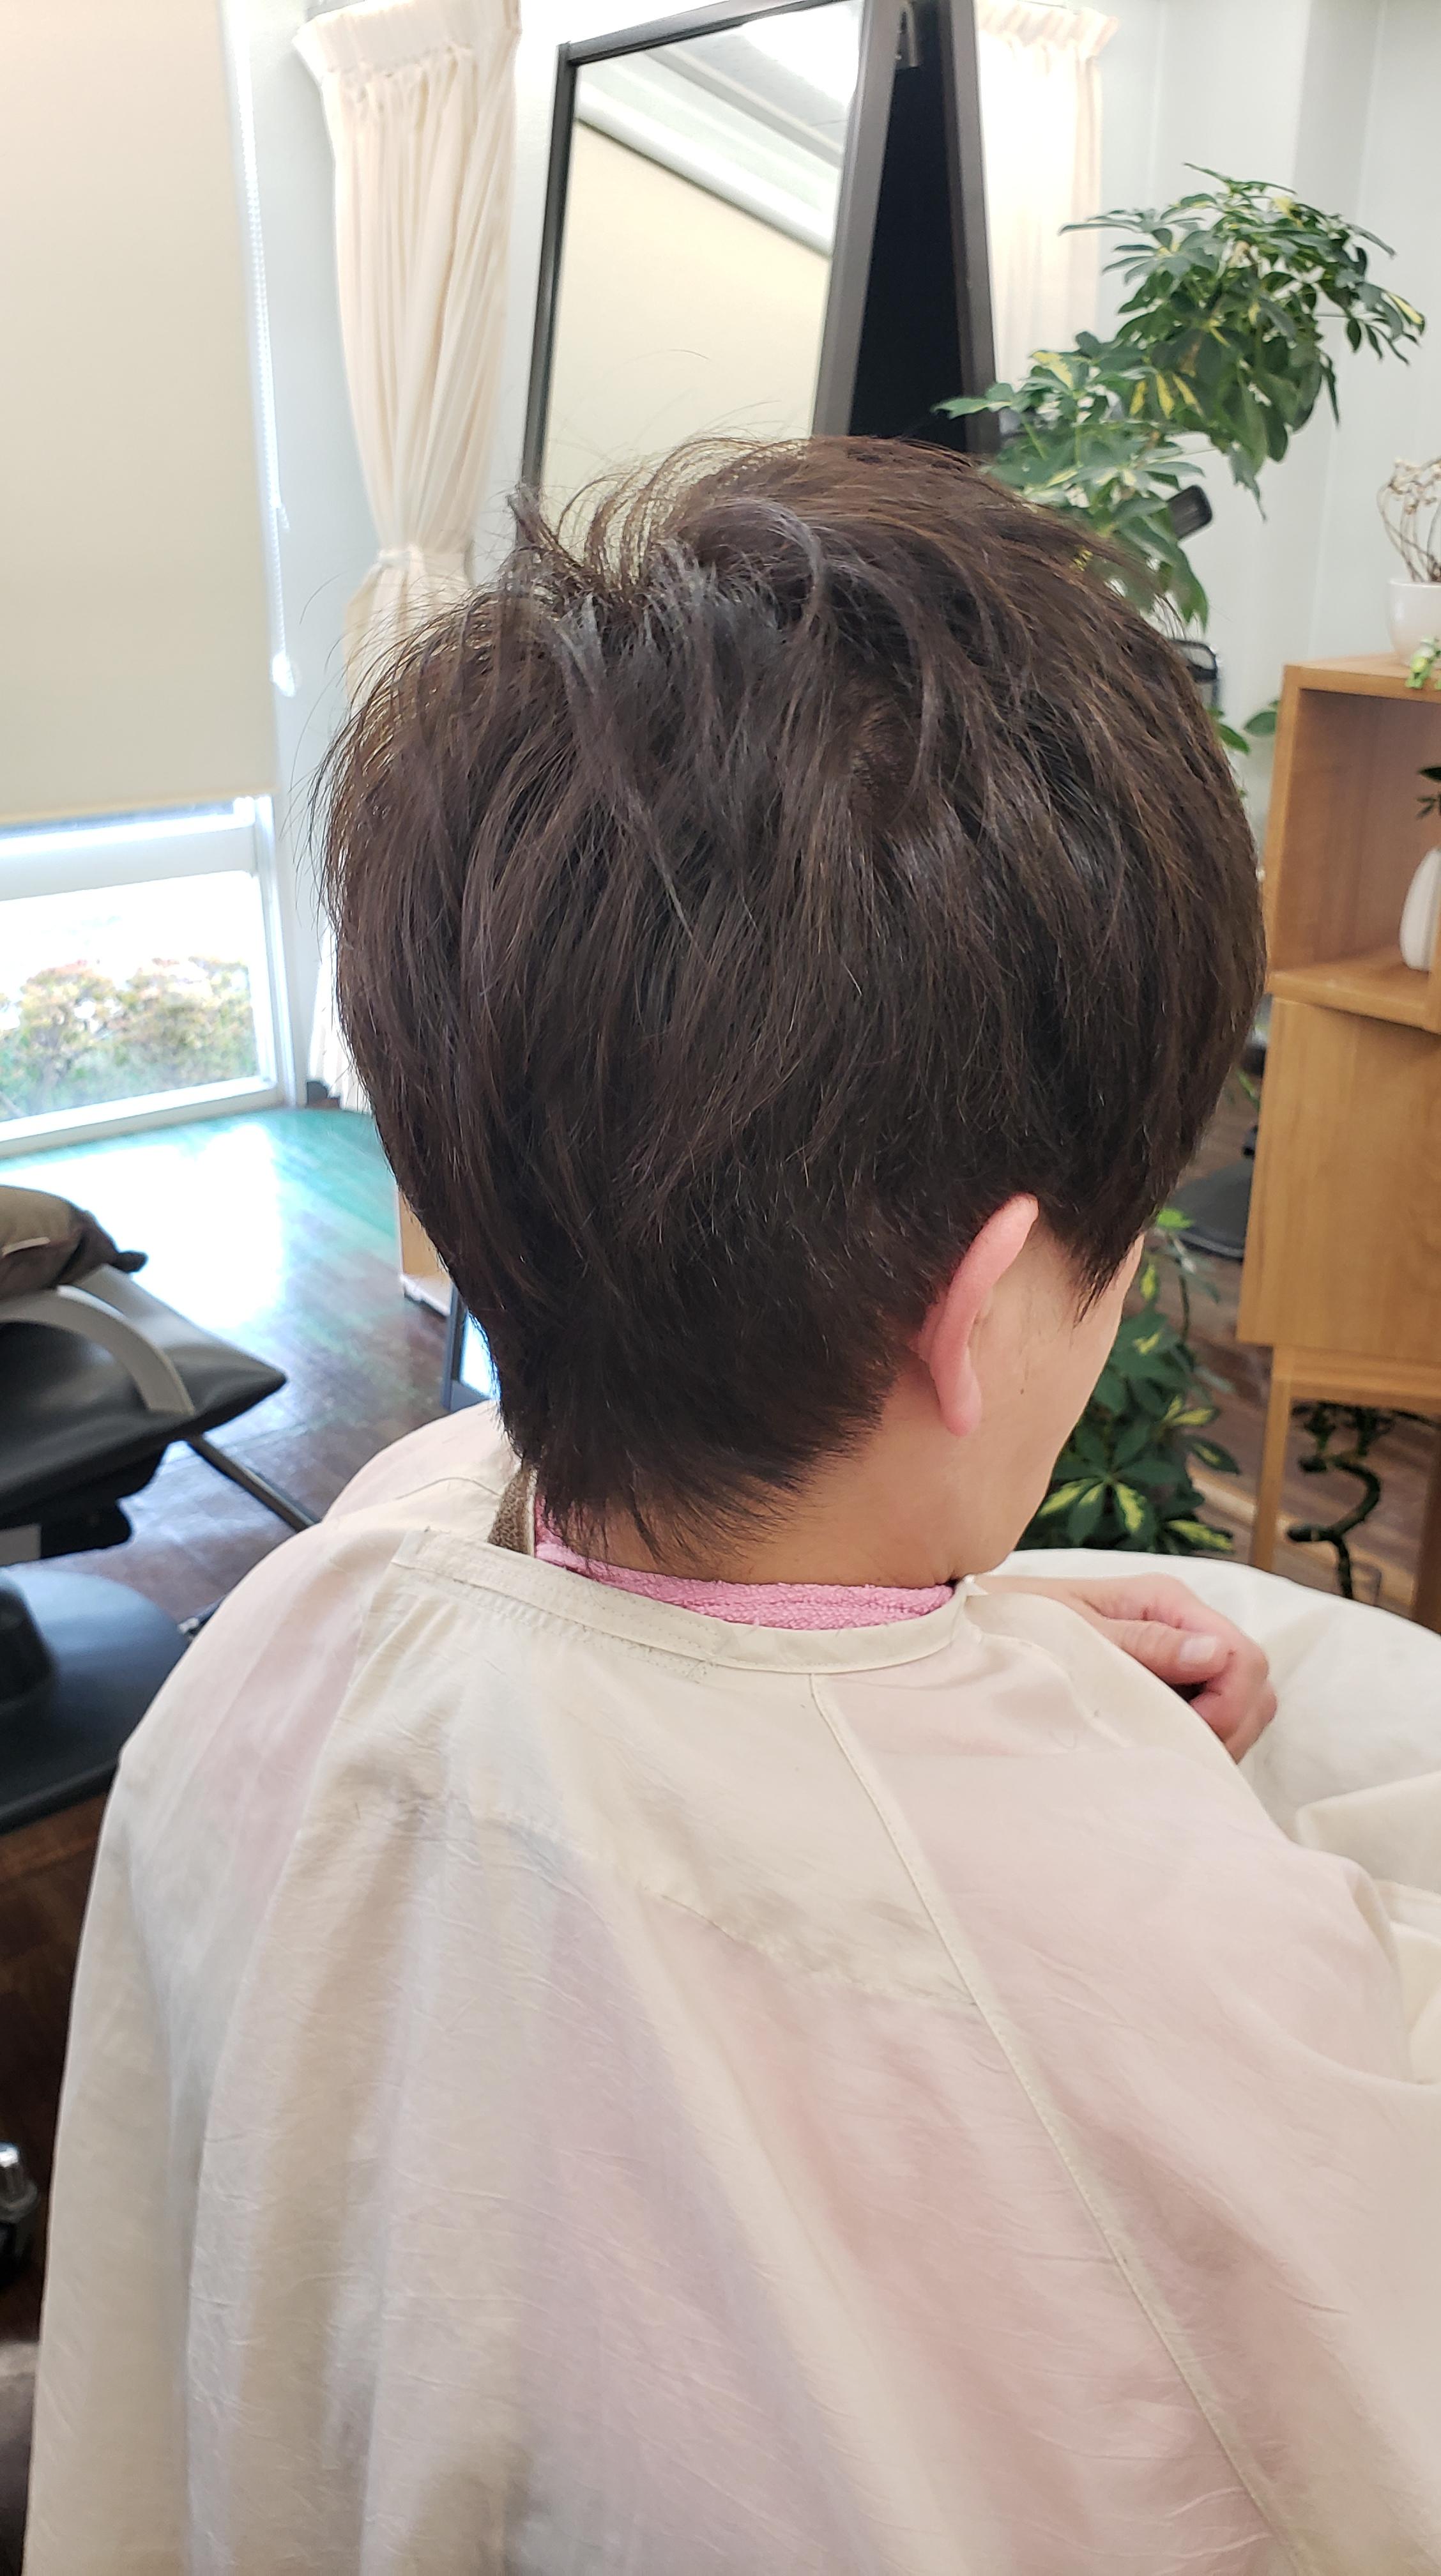 広がる髪がおさまるキュビズムカット